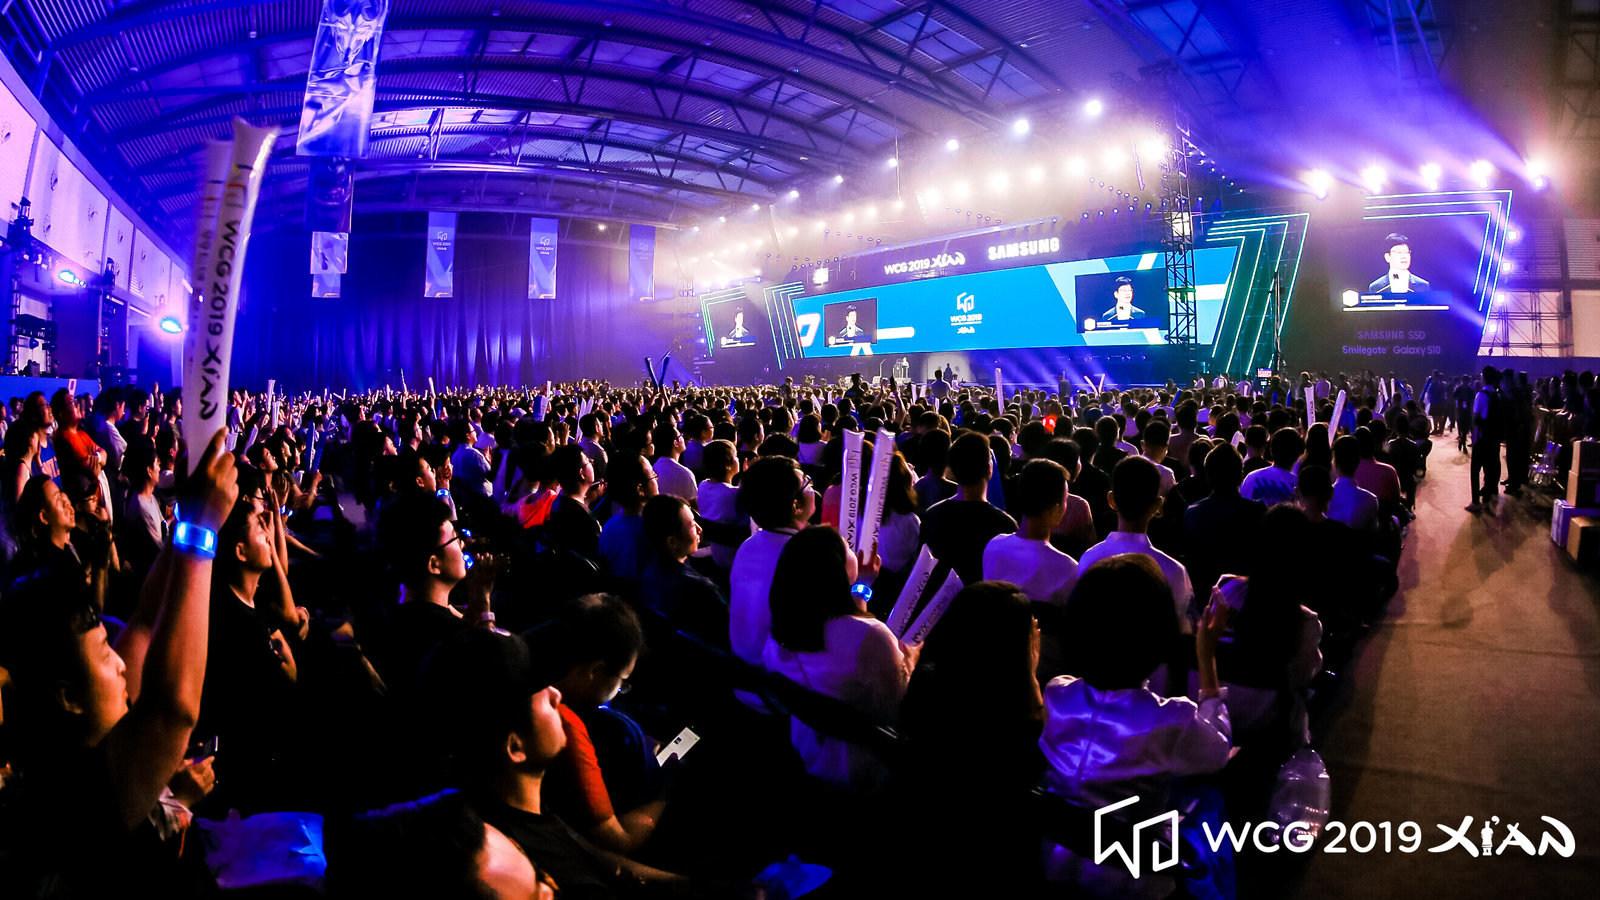 The Legend Returns! WCG 2019 XI'AN Grand Final Begins